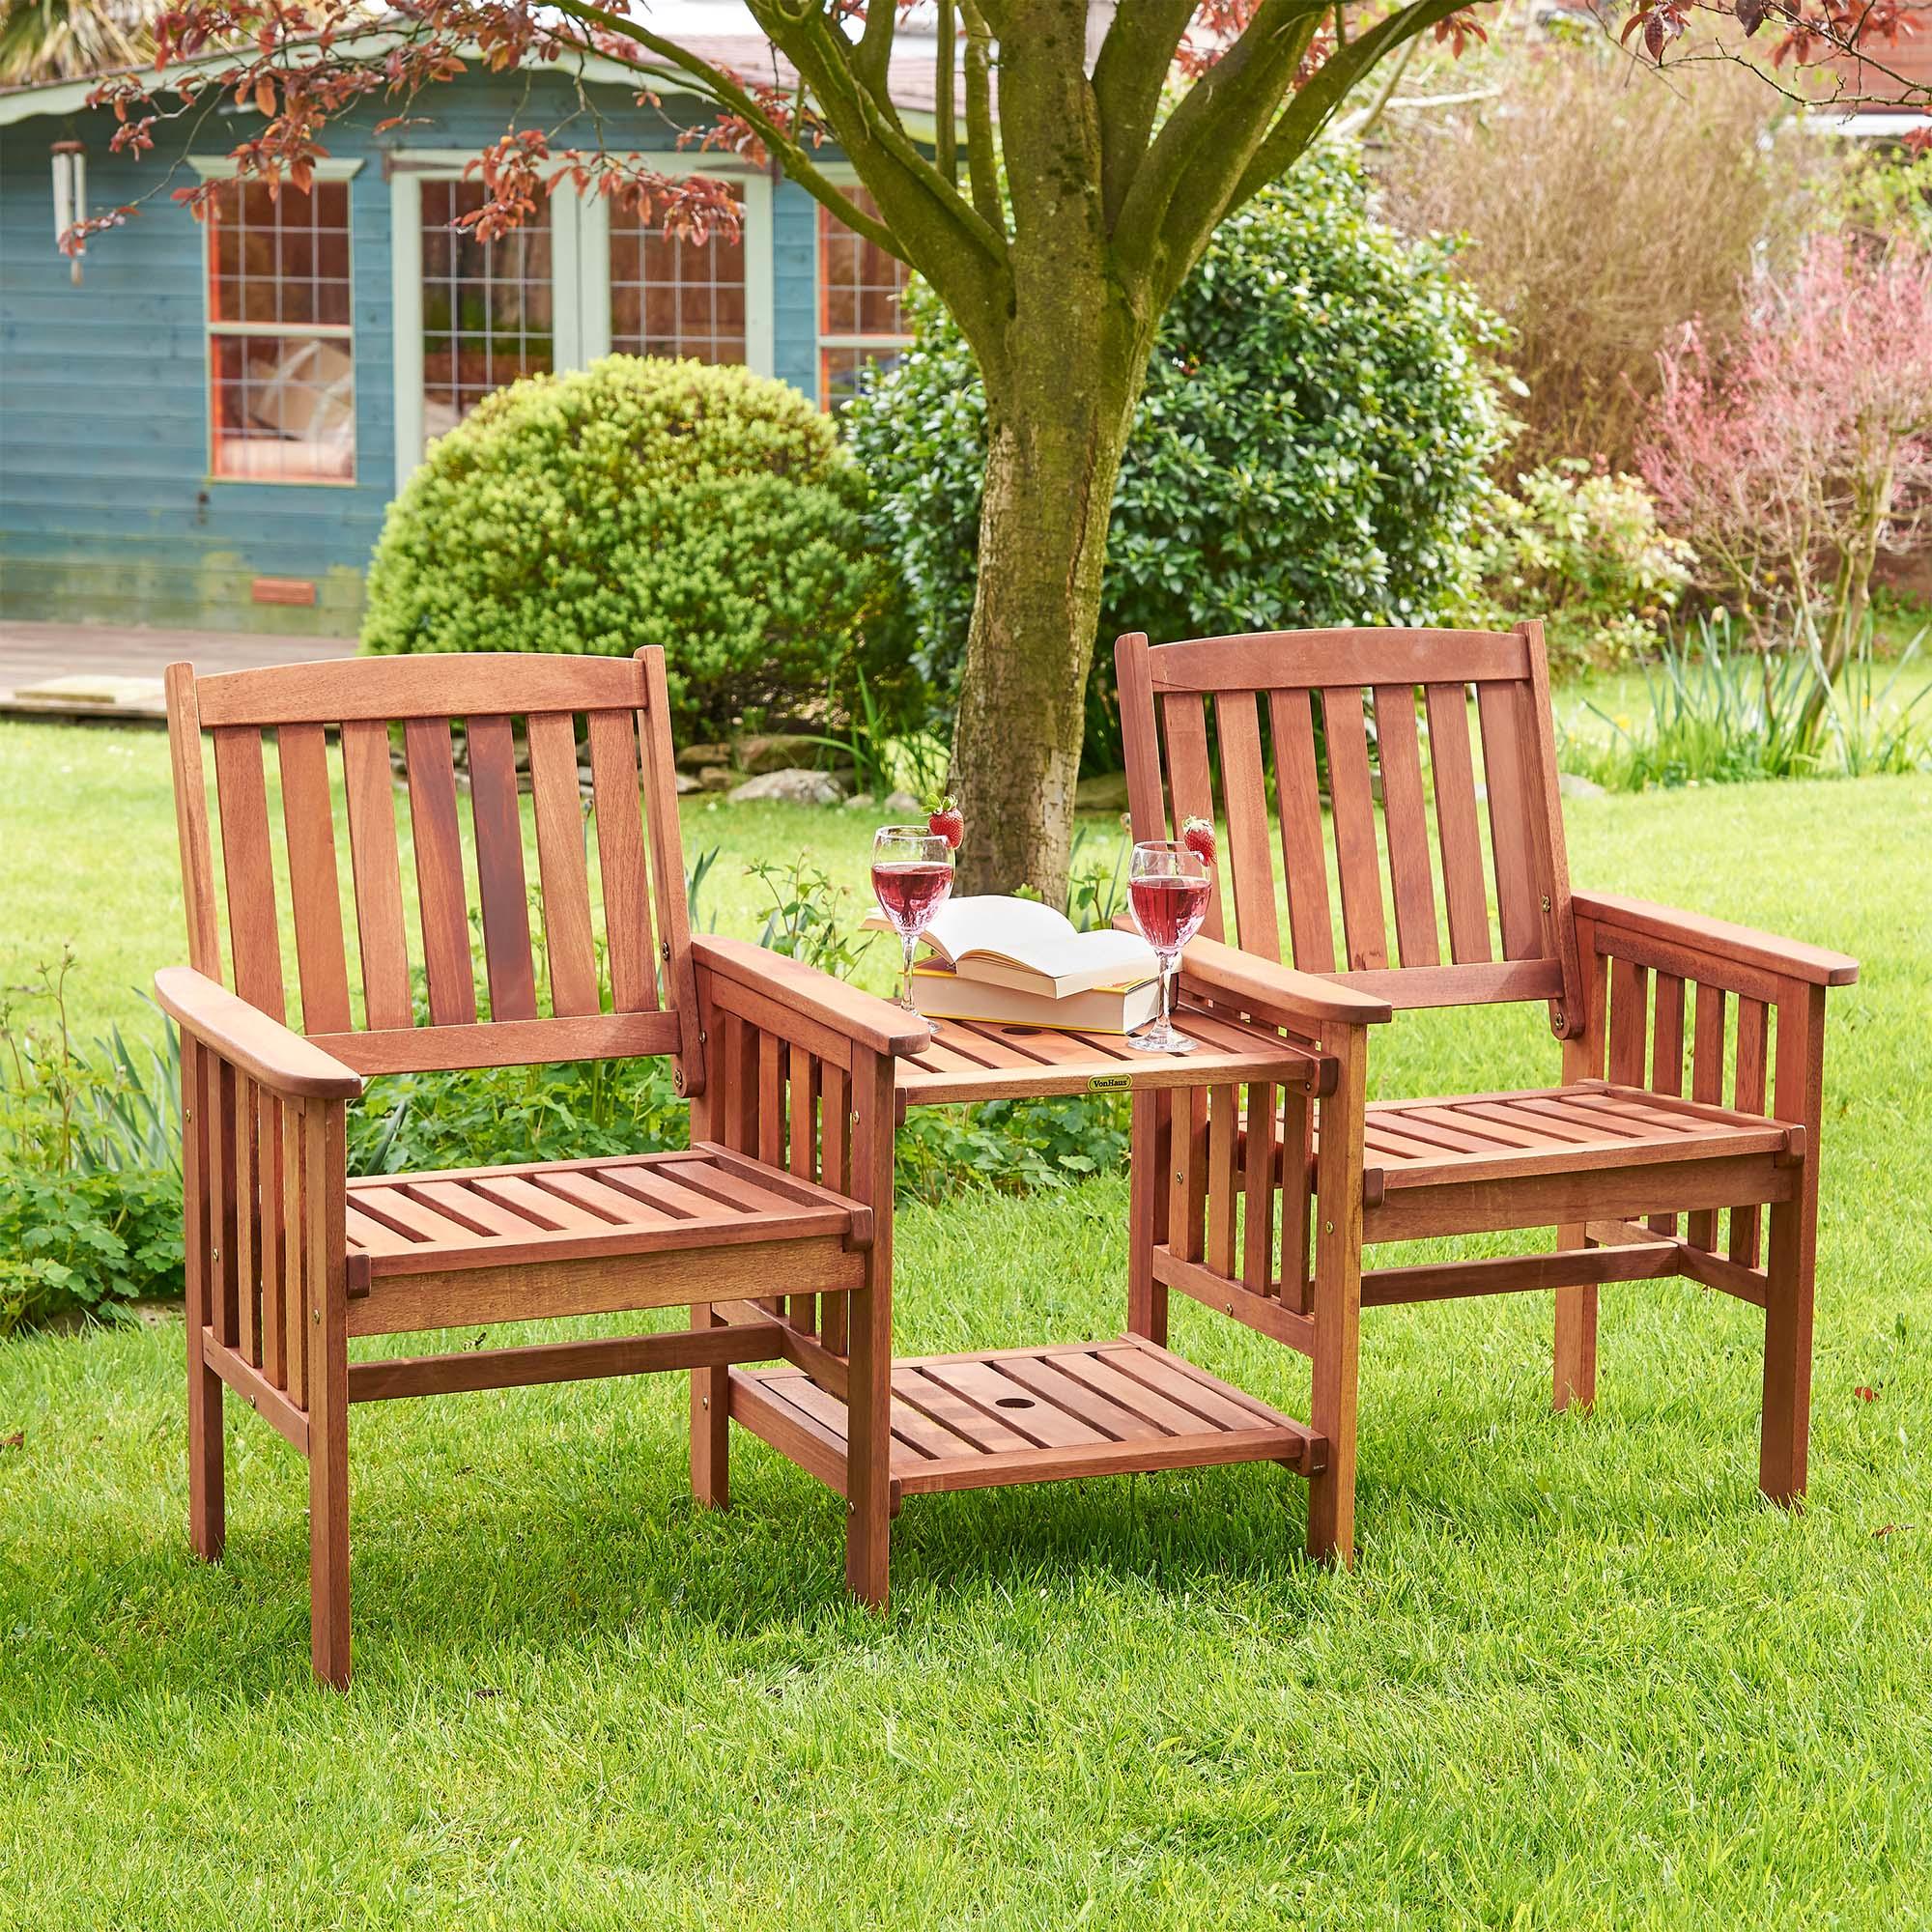 sentinel vonhaus jack jill love seat companion hardwood garden furniture bench set